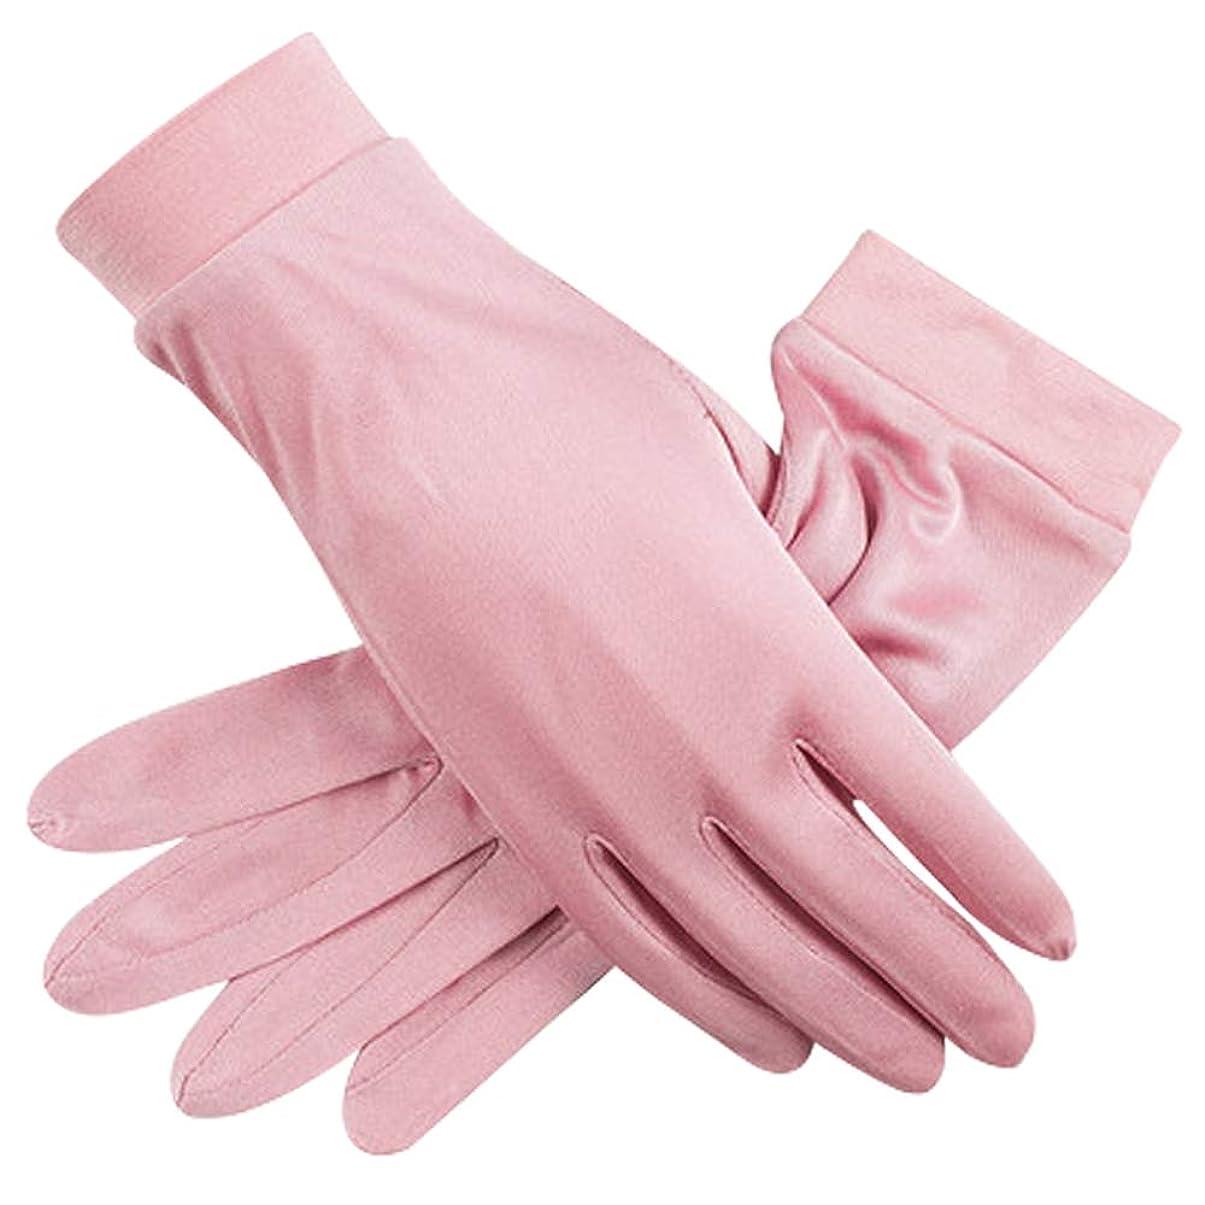 品揃え系譜極小(panda store) シルク 手袋 レディース UVカット ハンドケア おやすみ 手荒れ 手湿疹 乾燥肌 保湿 おやすみ手袋 紫外線 ピンク